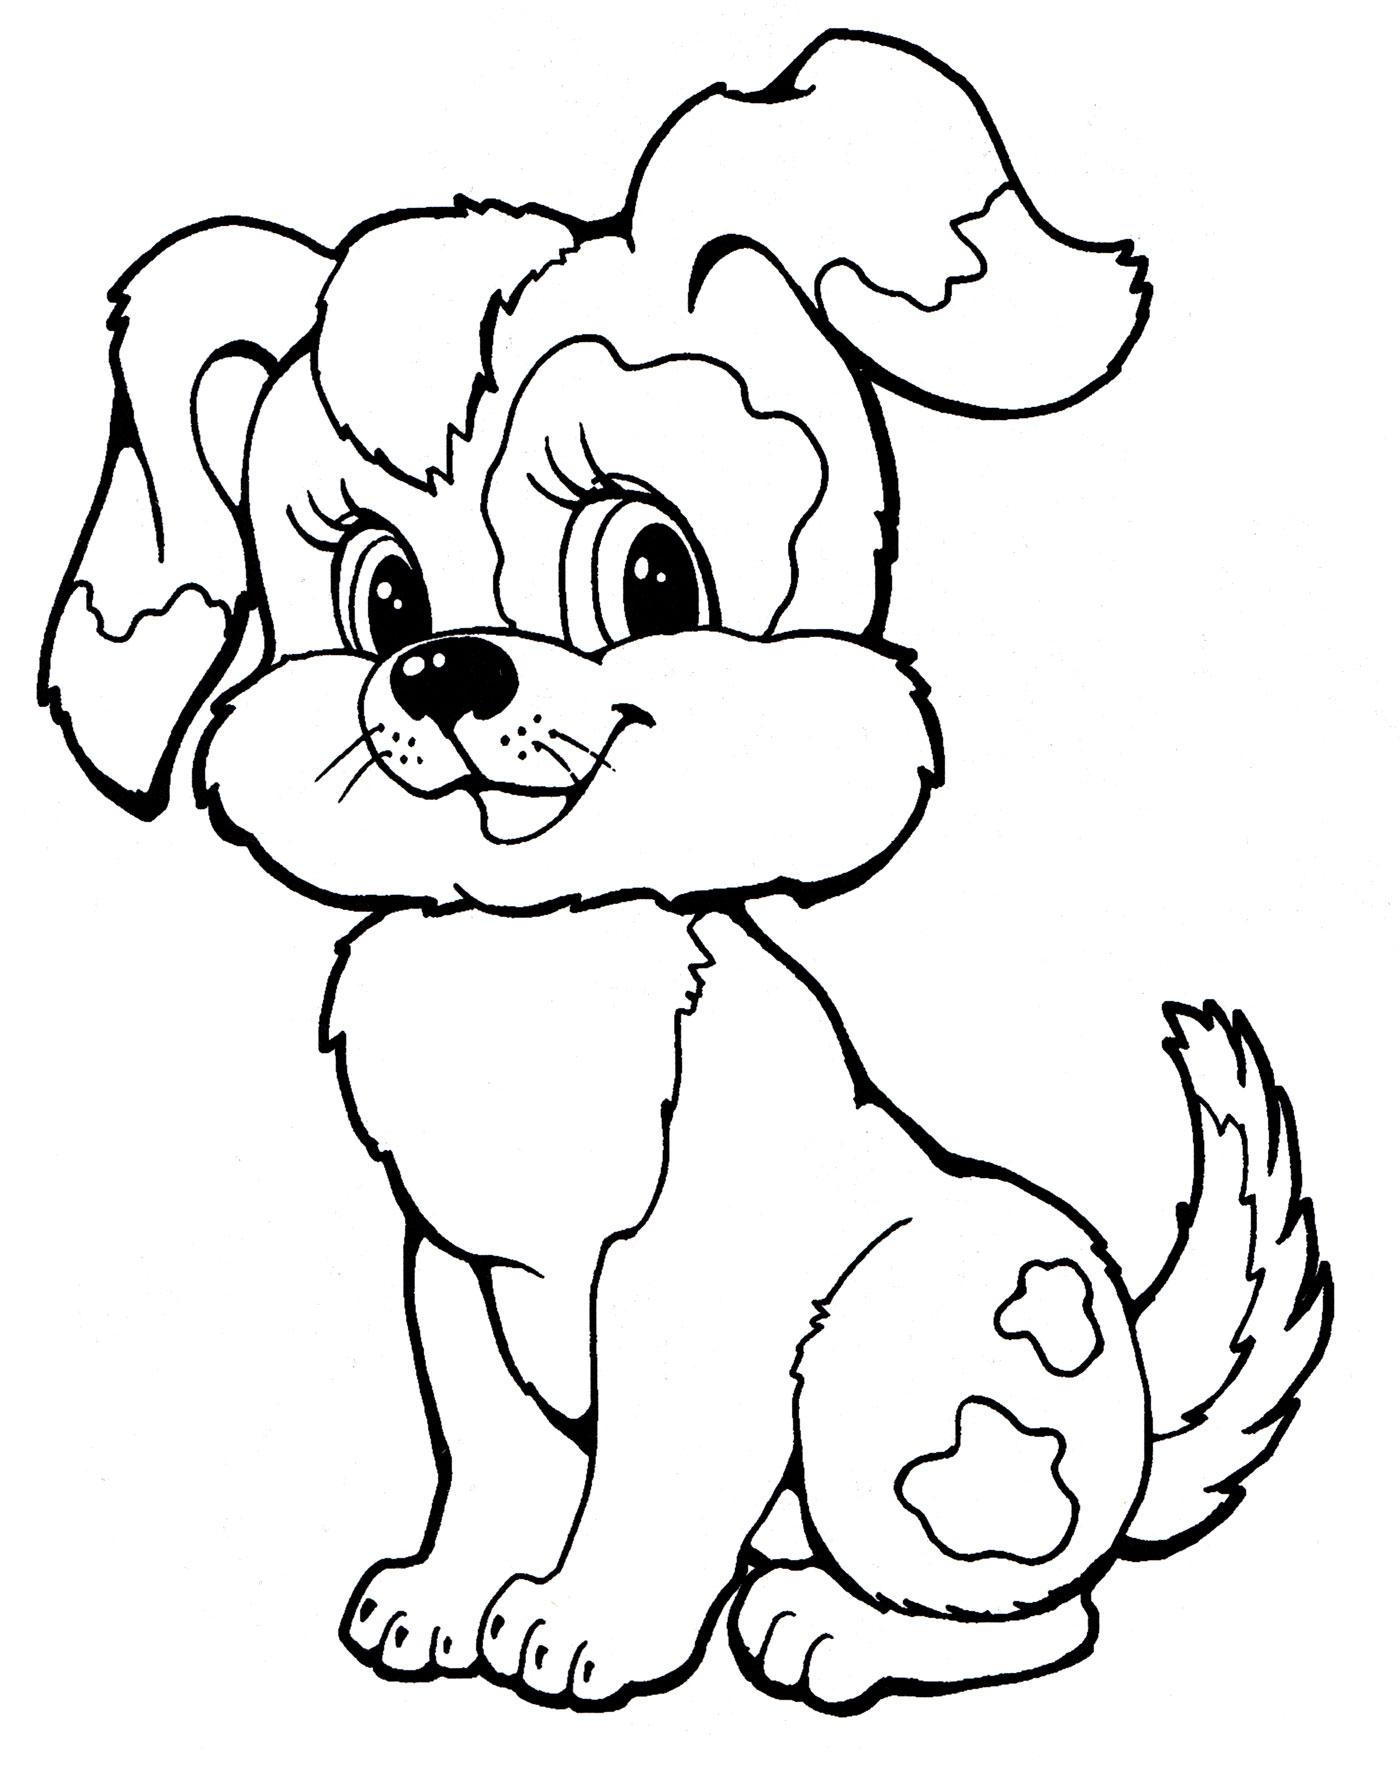 Раскраска Веселая собачка - распечатать бесплатно